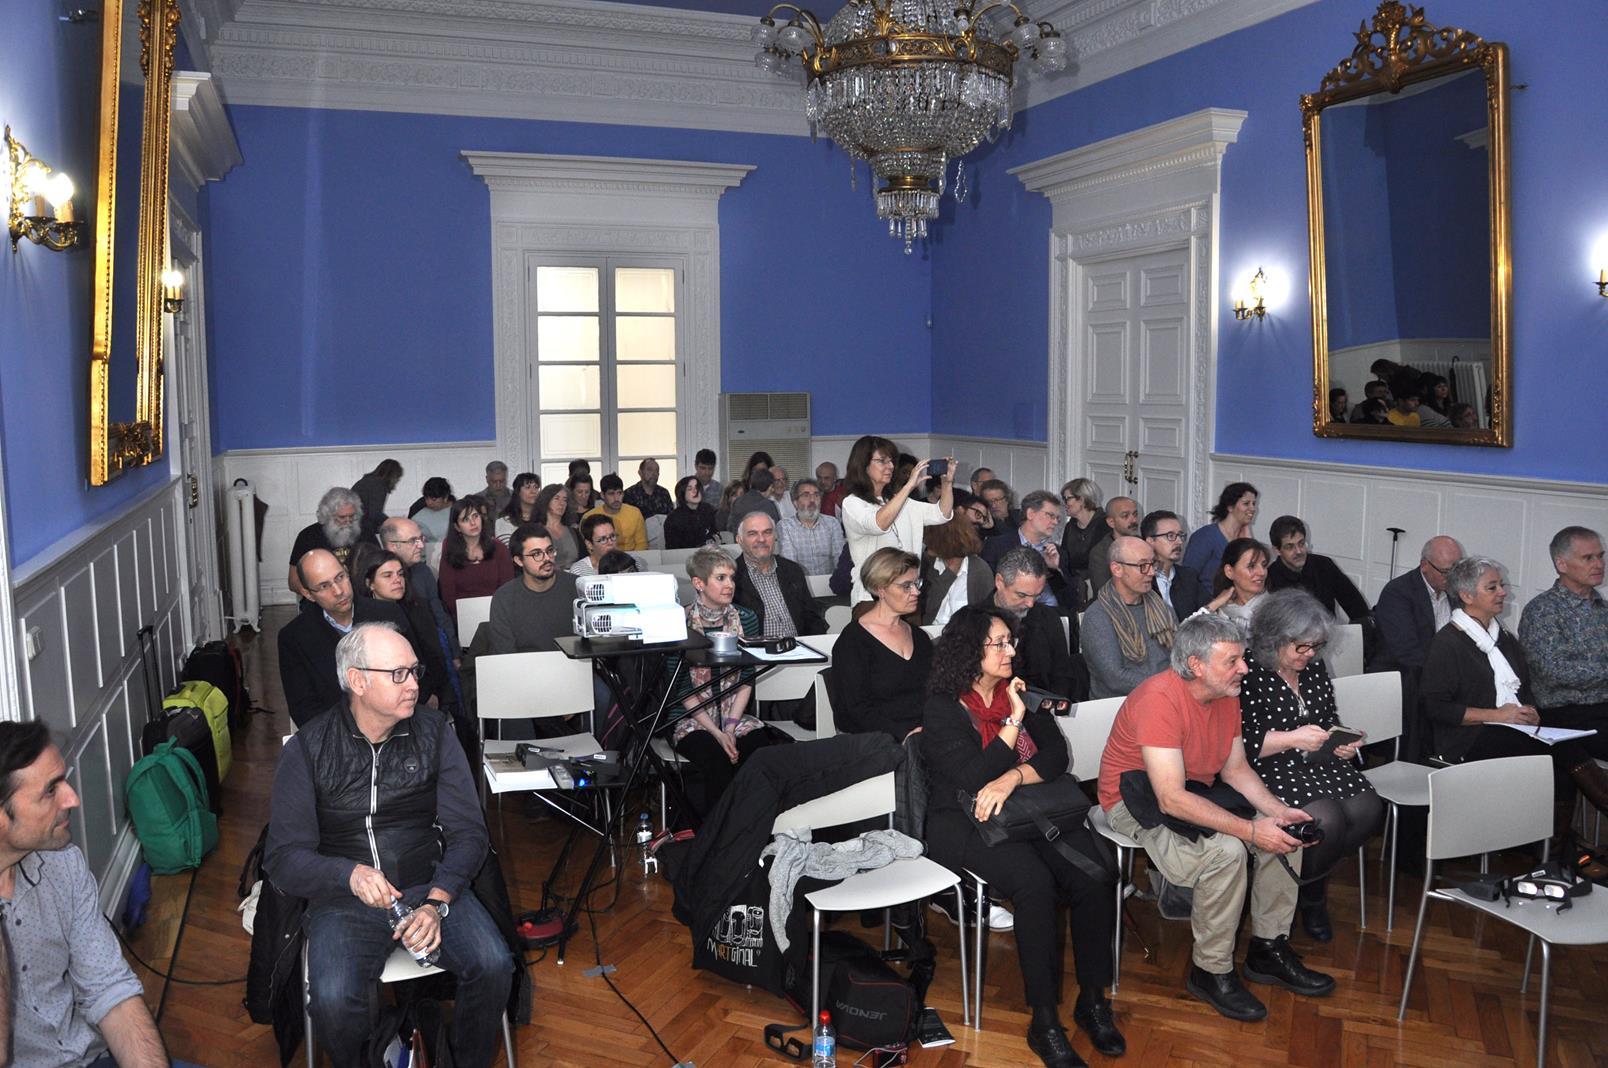 Sala Azul, Palacio de Sástago, Zaragoza. 23/10/19